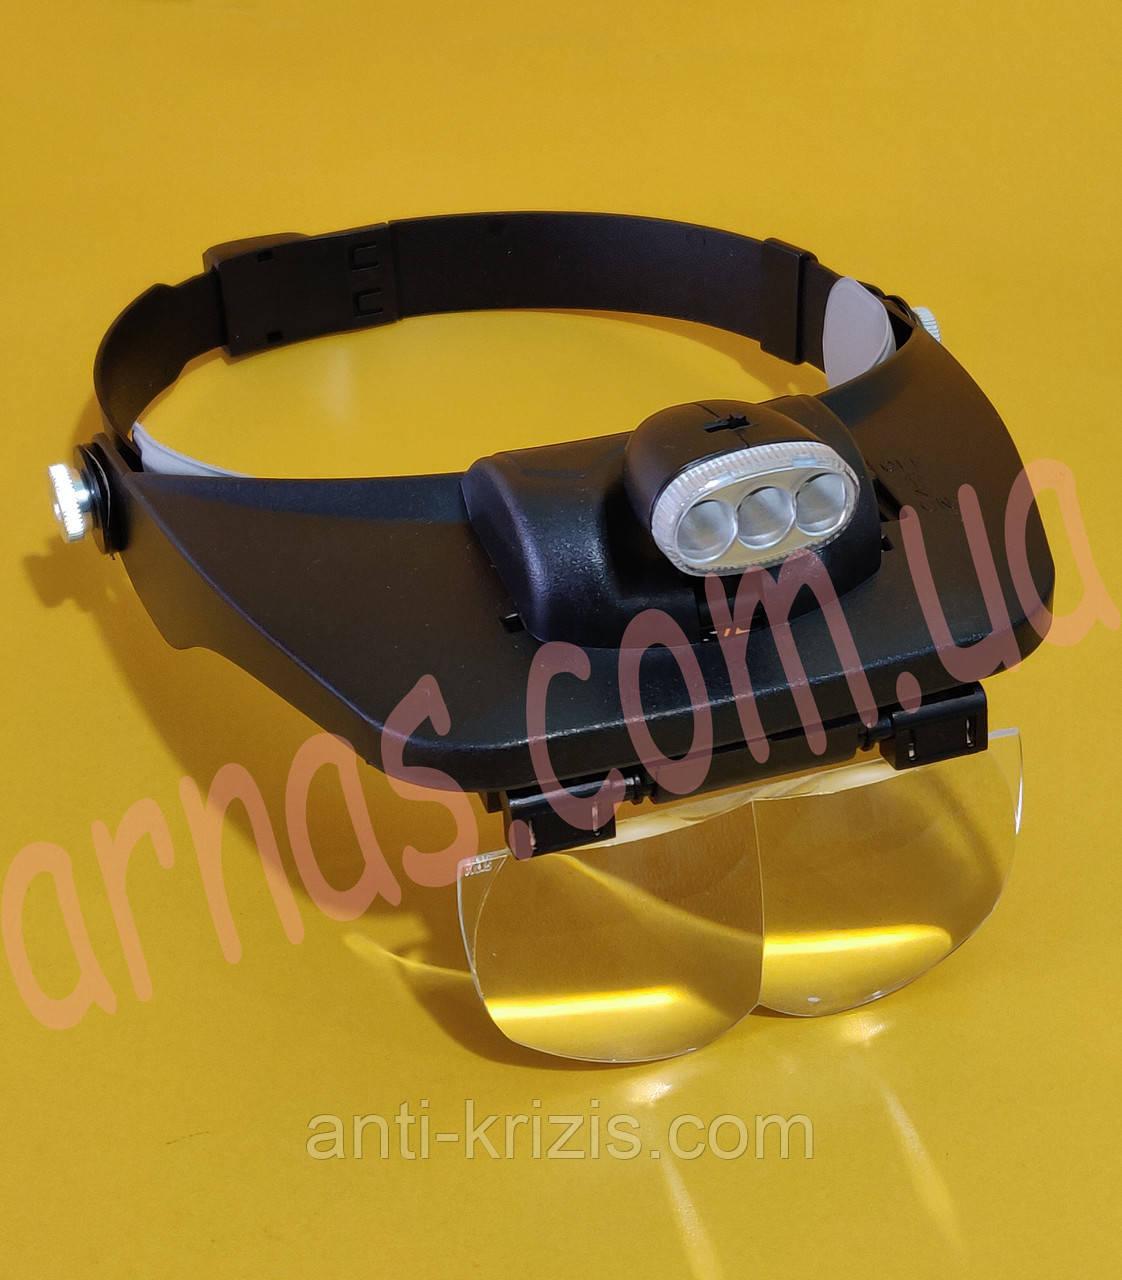 Бинокуляр окуляри бінокулярні зі світлодіодним підсвічуванням MG81001-E